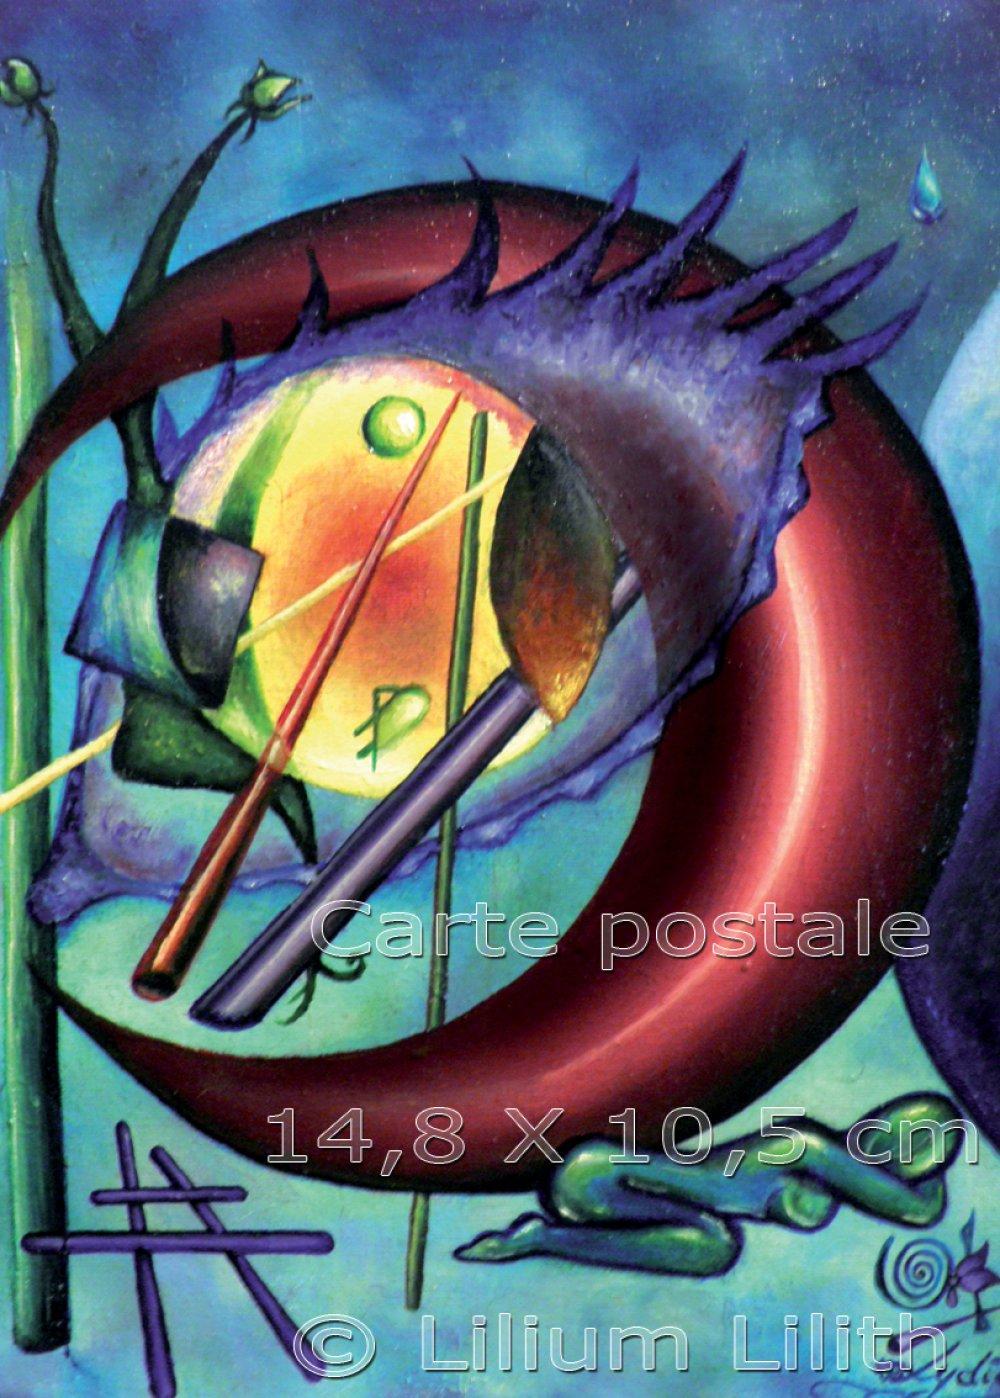 Carte Postale, d'après une peinture de Lilium Lilith